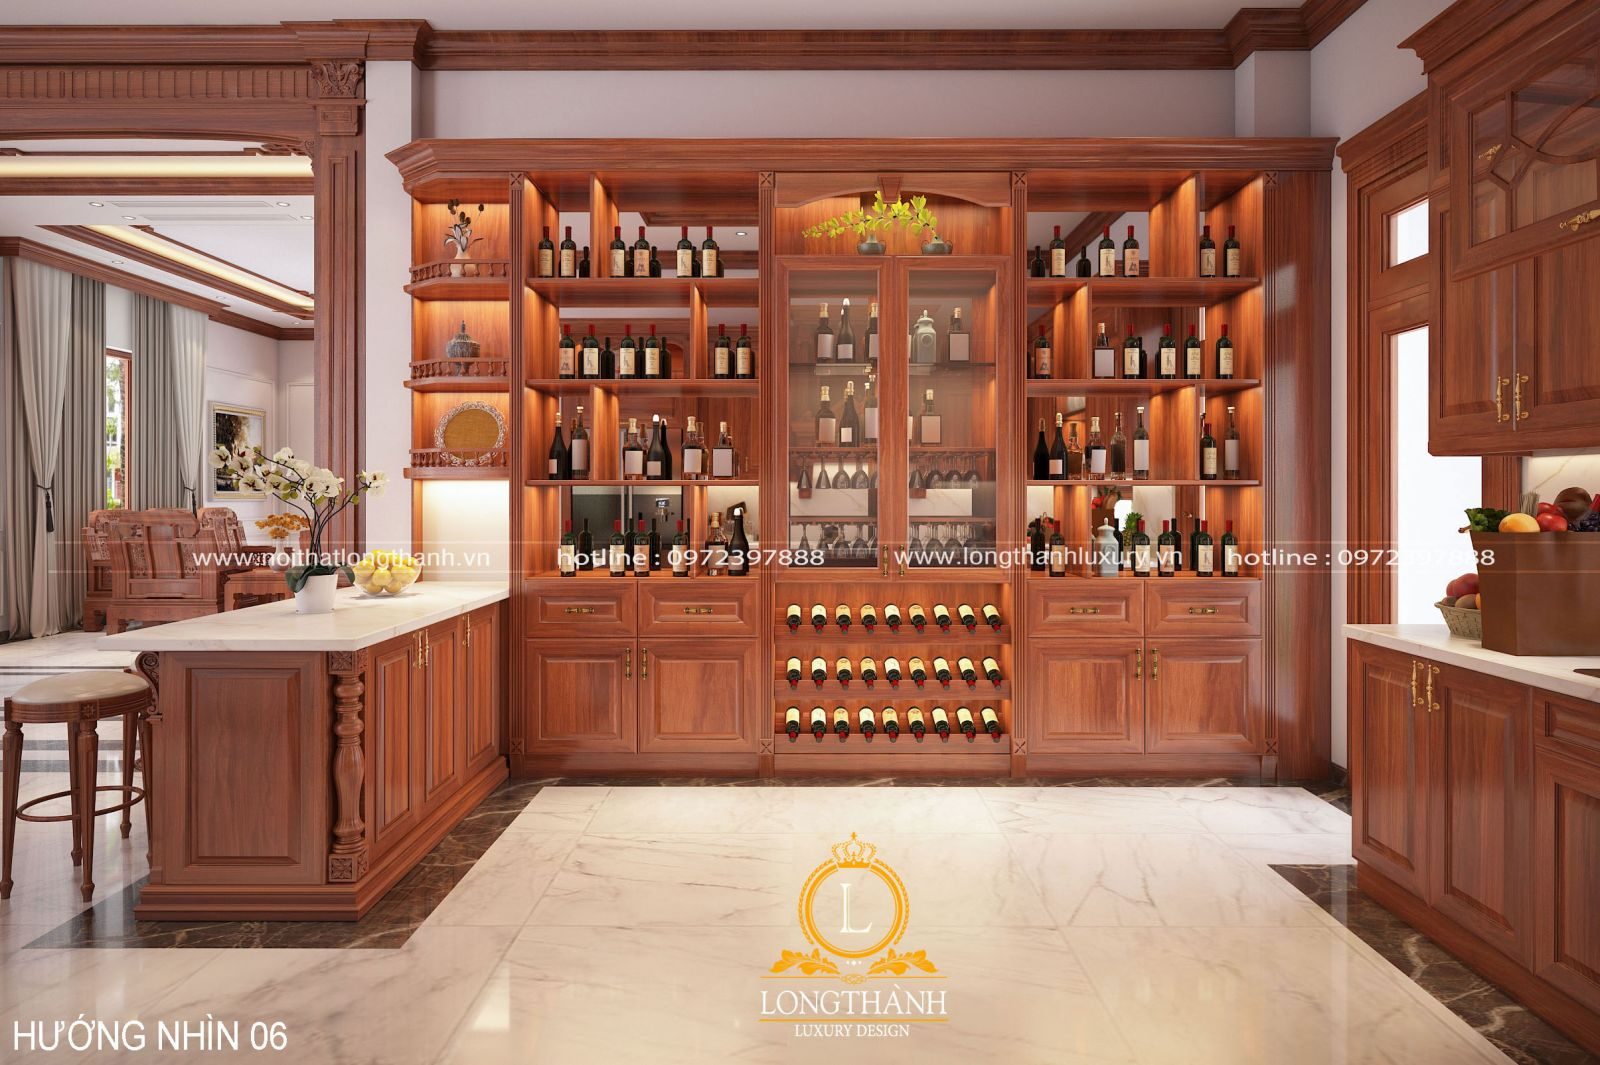 Thiết kế tủ rượu cùng quẩy bar sang trọng